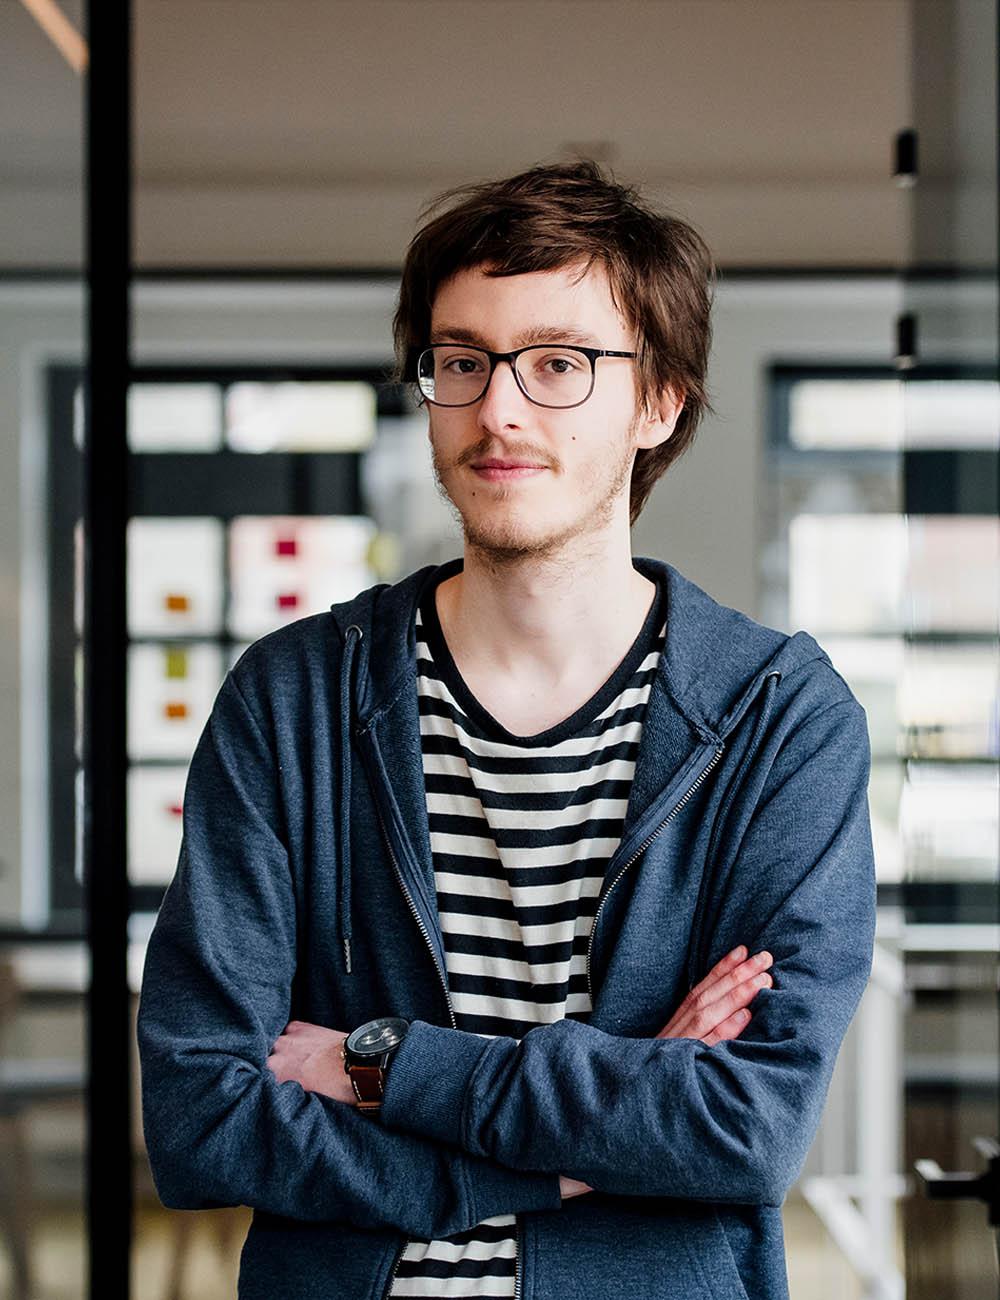 Noah Wijkel